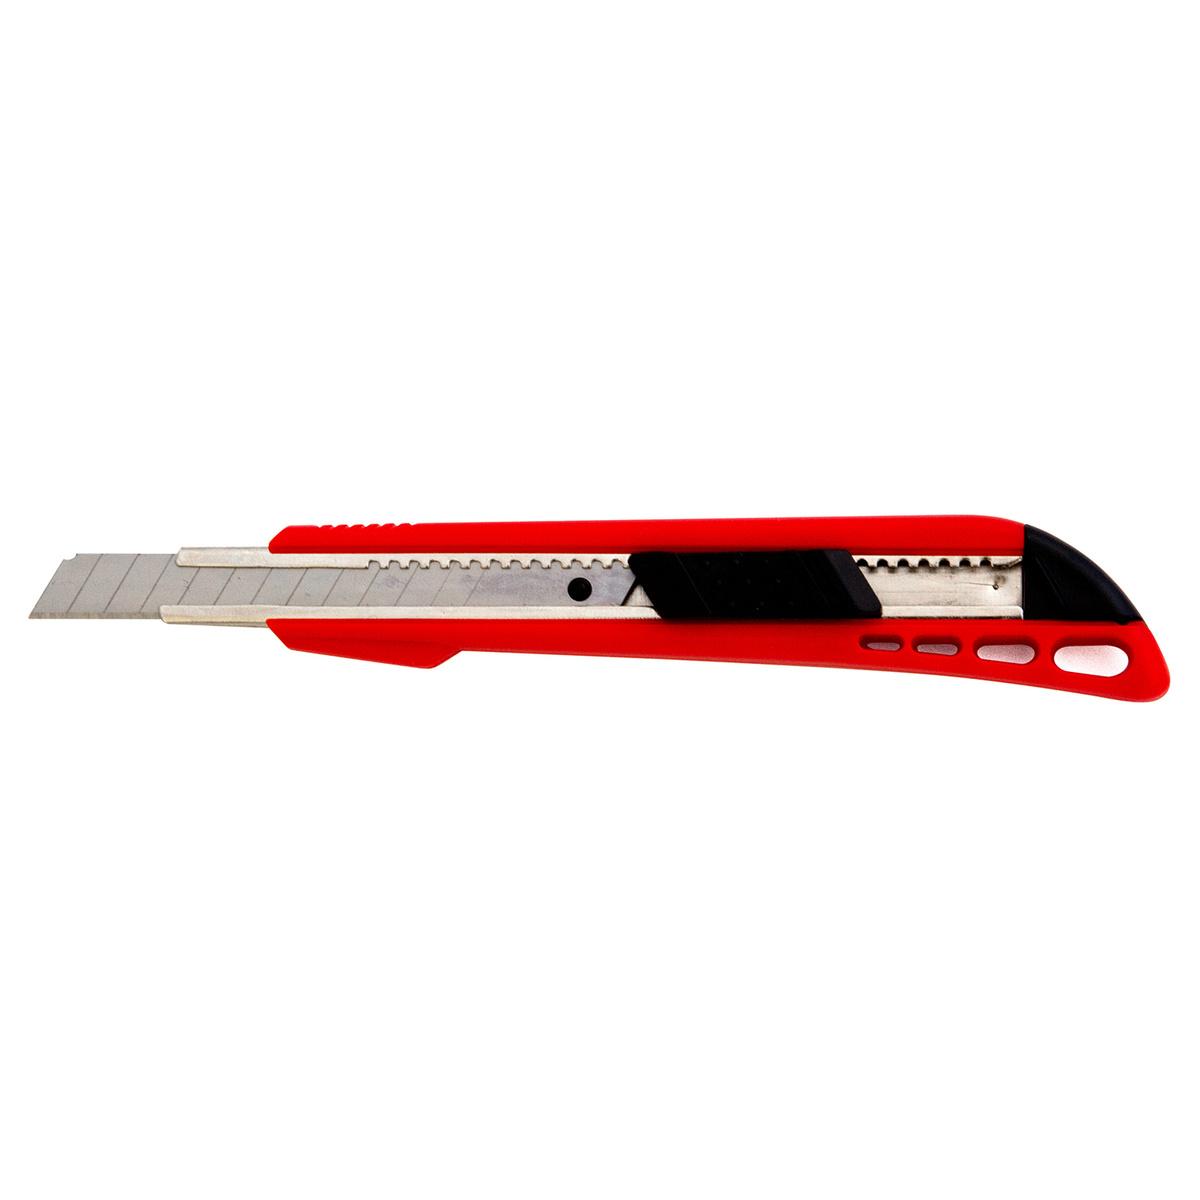 Нож строительно-ремонтный Vira 831211, красный #1